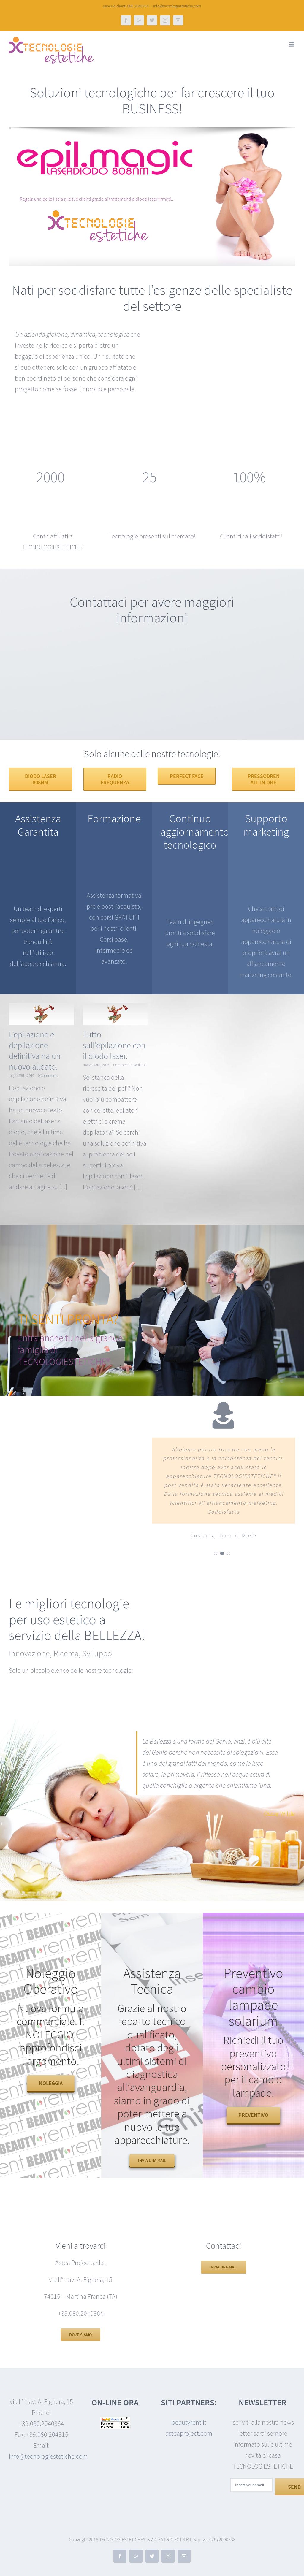 Ant Martina Franca tecnologie estetiche competitors, revenue and employees